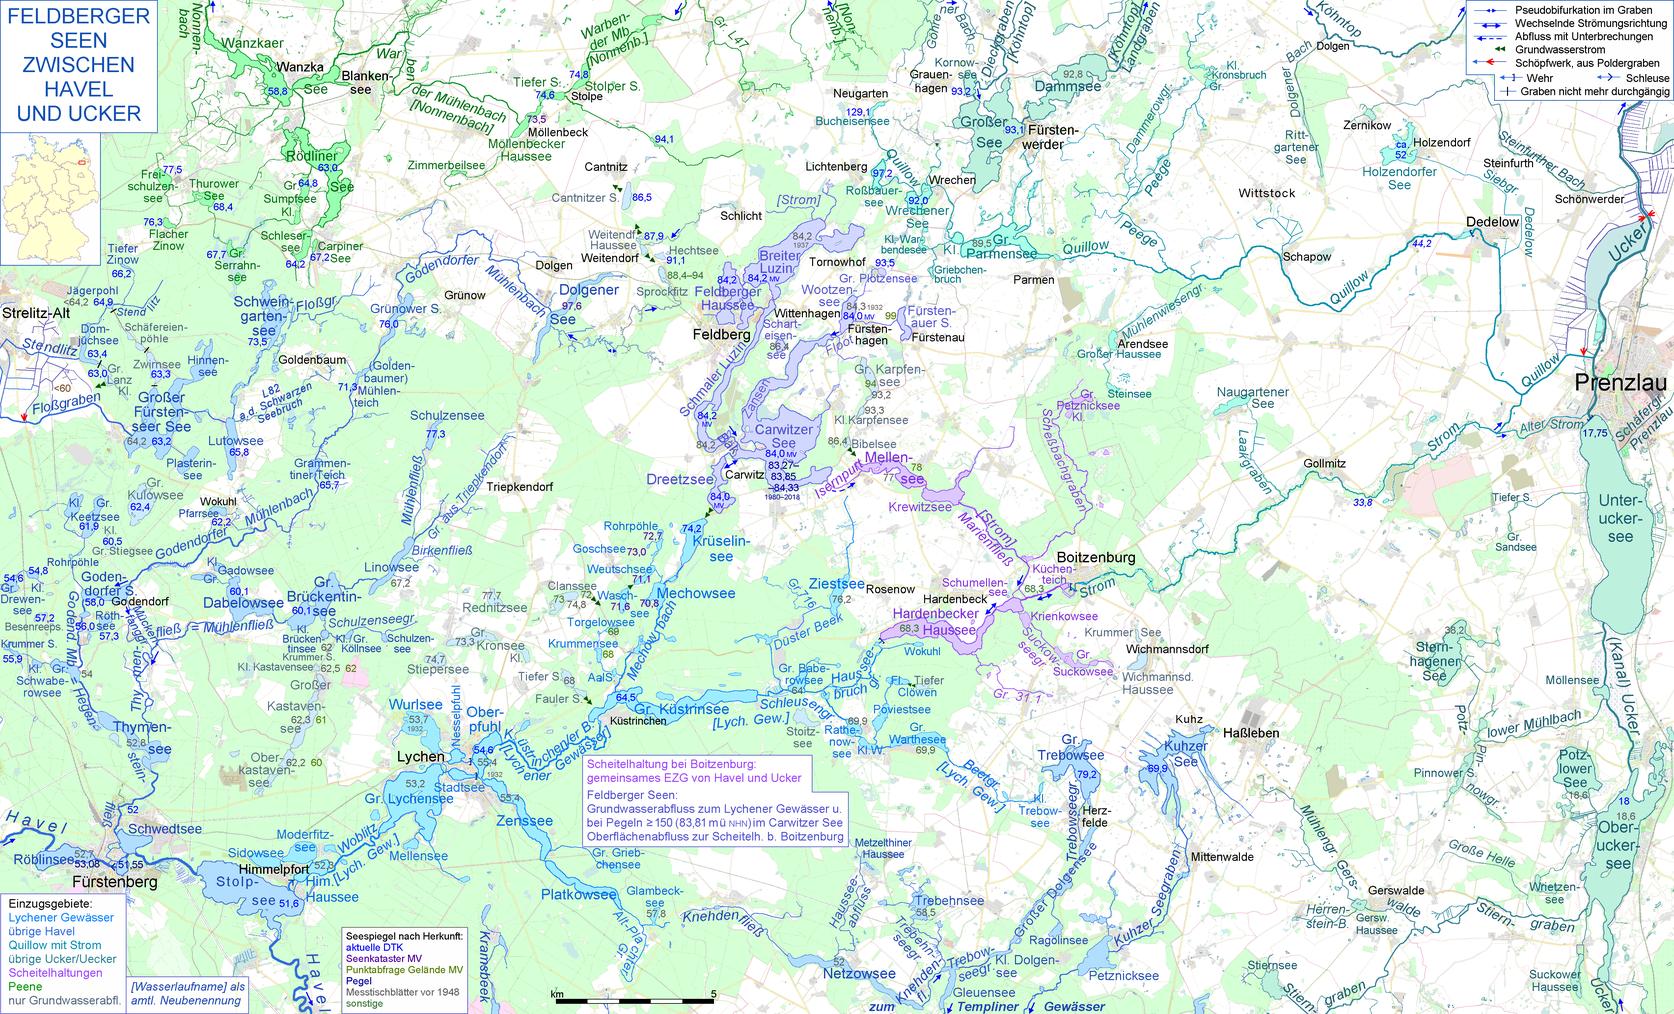 Feldberger Seen zur Havel & zur Ucker.png